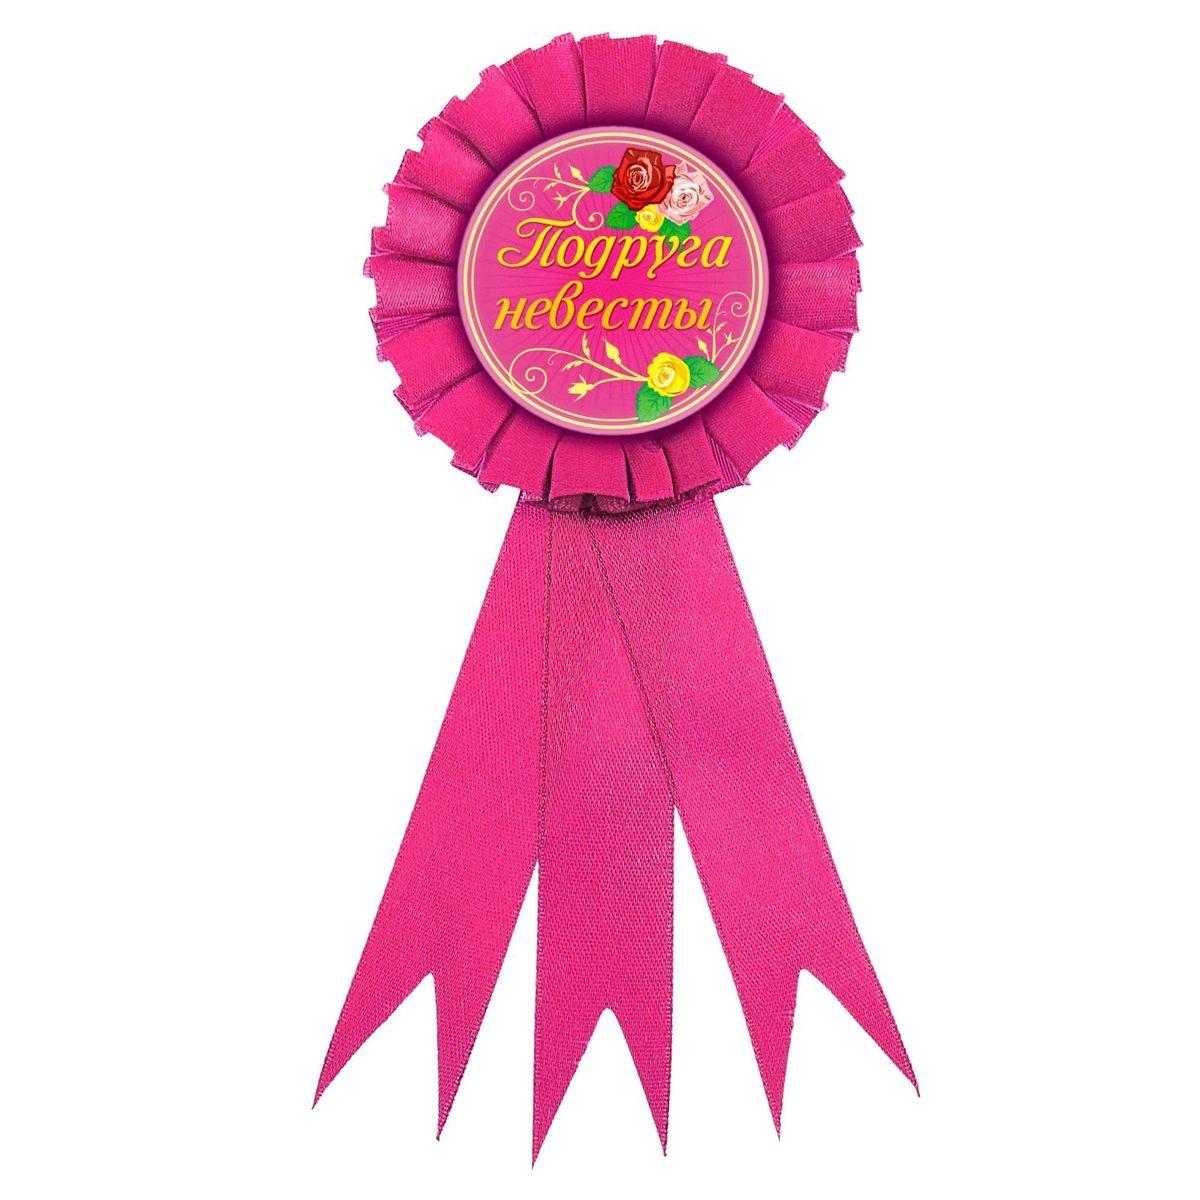 Значок-орден Sima-land Подруга невесты478999Оригинальный значок-орден Sima-land Подруга невесты изготовлен из пластика и декорирован яркими текстильными лентами. Когда на носу торжественное событие, так хочется окружить себя яркими красками и счастливыми улыбками! Порадуйте своих близких и родных самой эффектной и позитивной наградой, которую уж точно будет видно издалека!